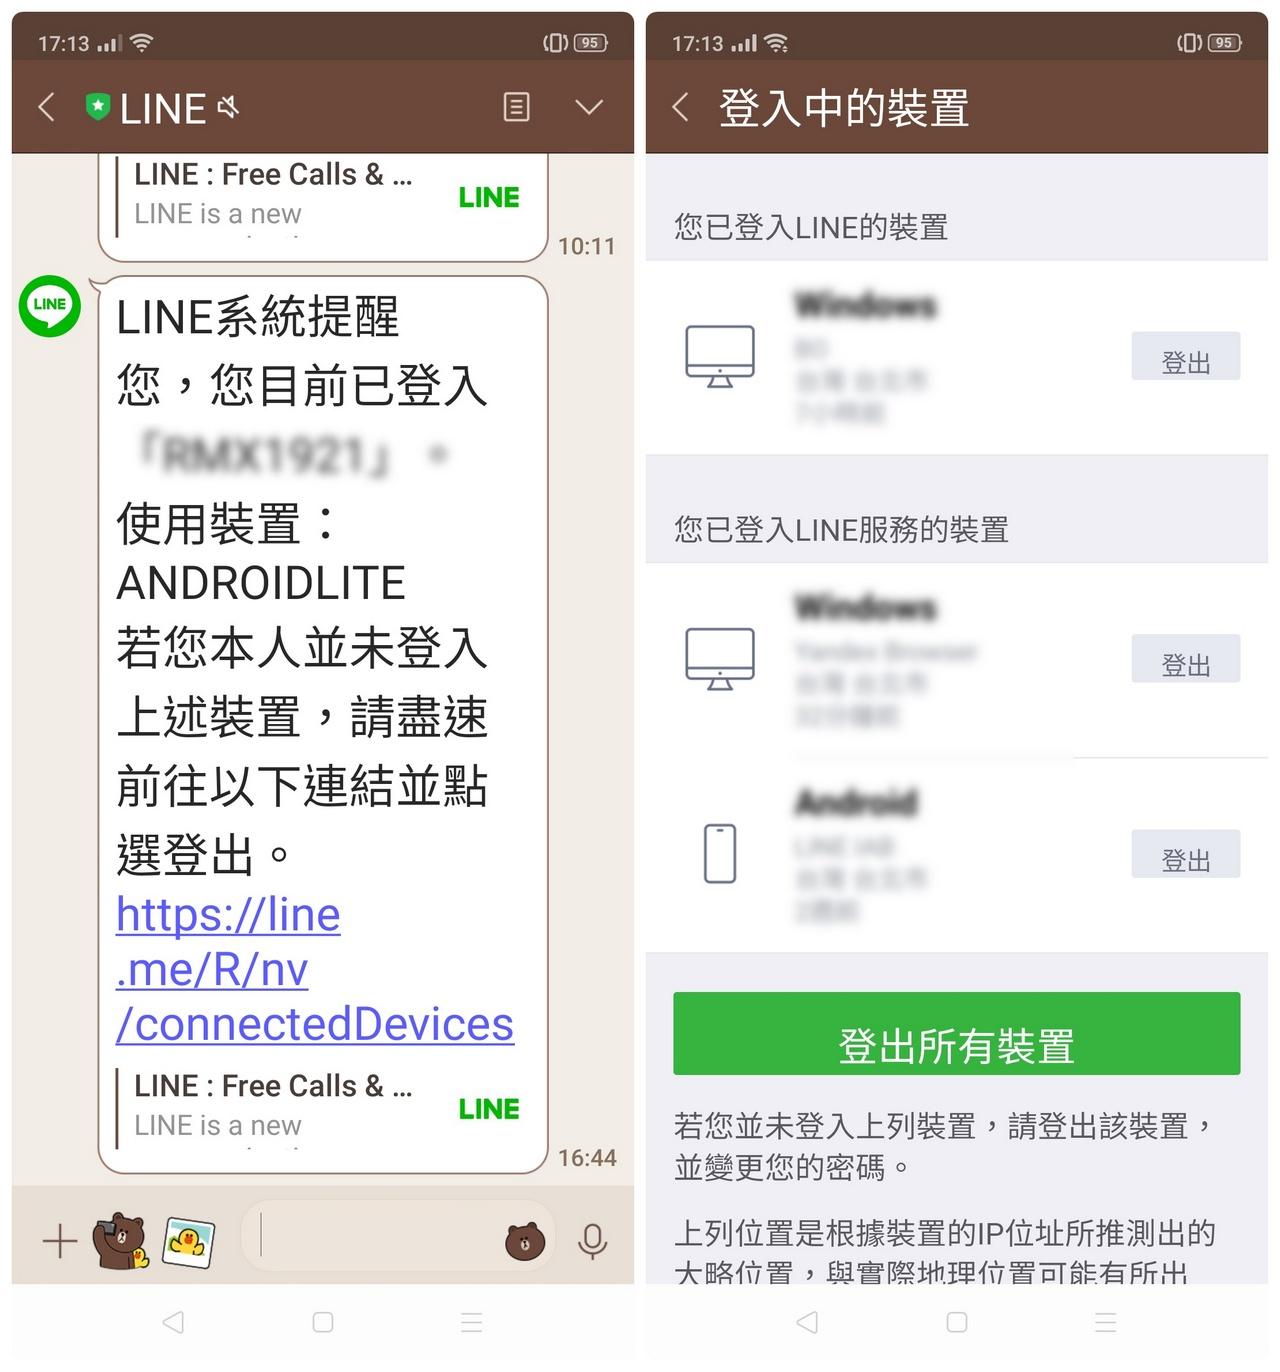 LINE登錄安全性 將不需要的裝置(陌生裝置)登出